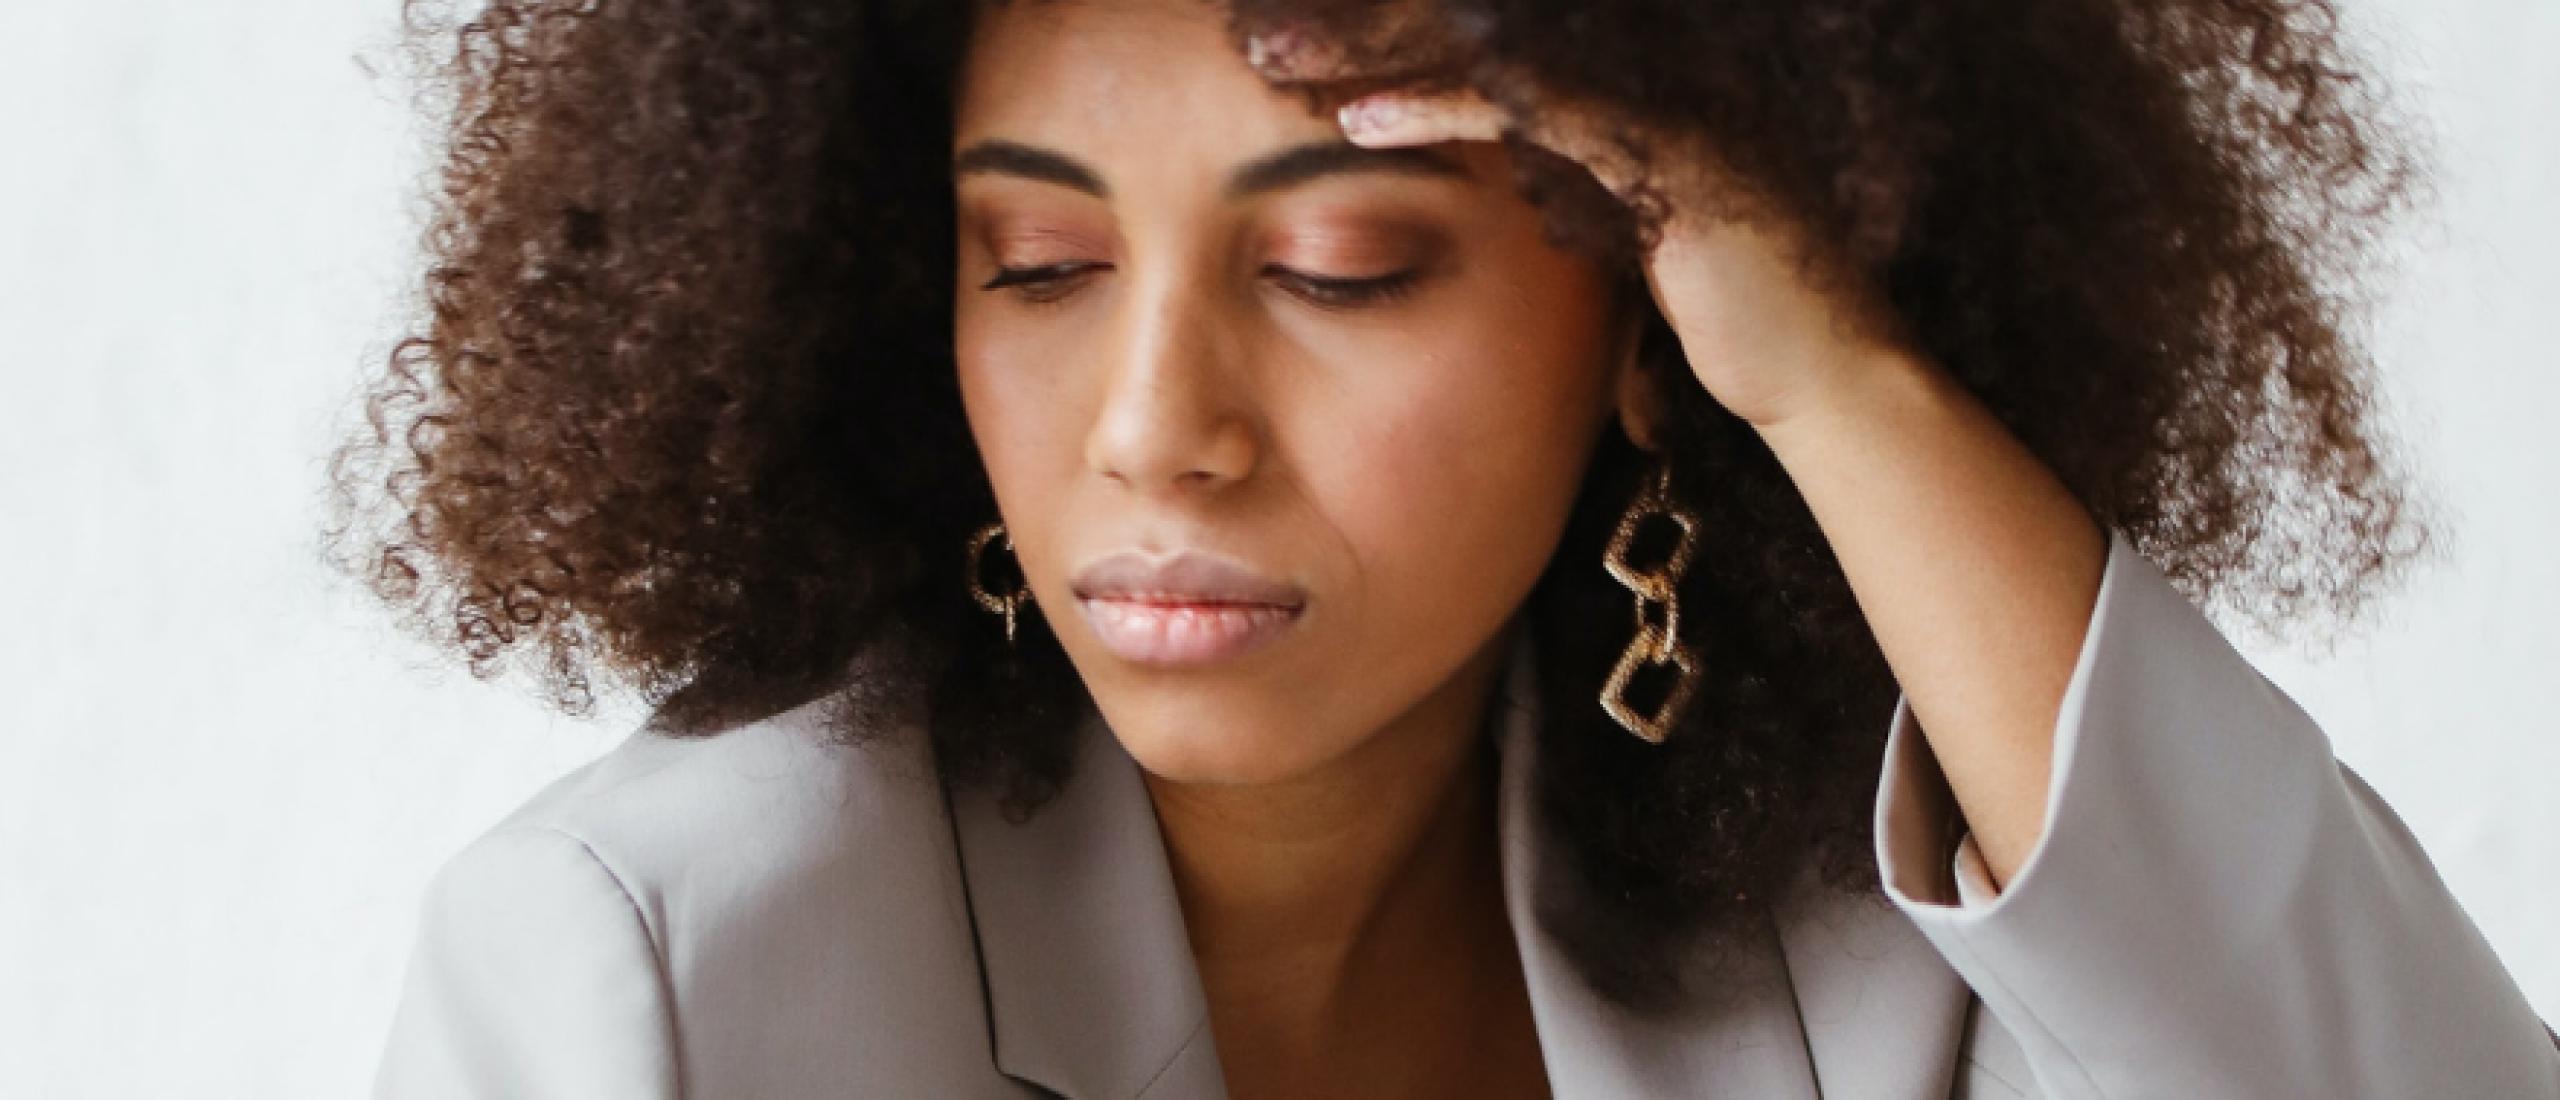 Stress en Hoofdpijn | Symptomen, Oorzaken en Oplossingen